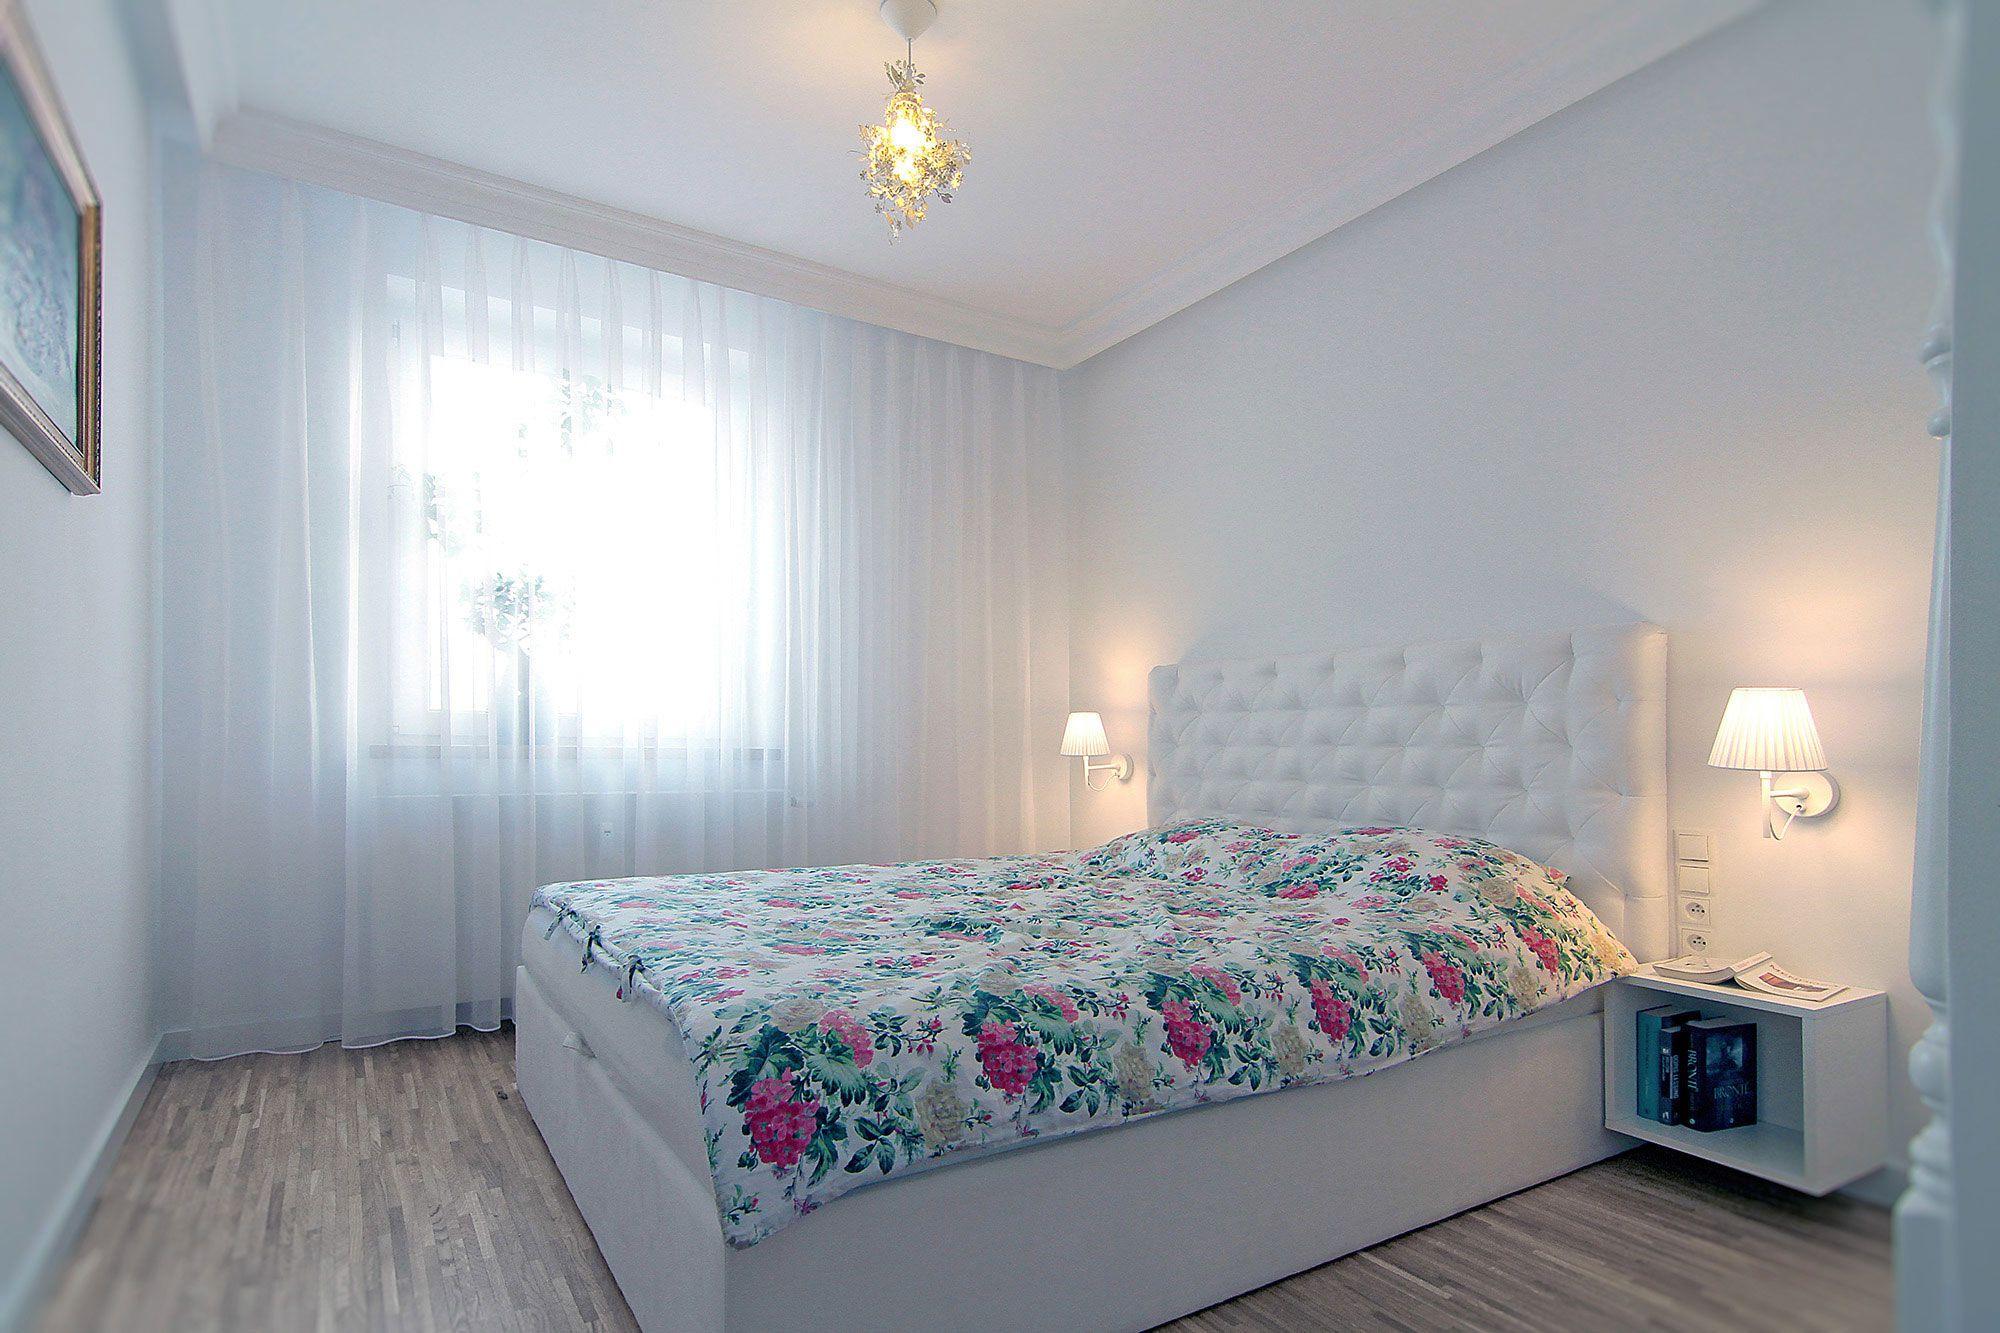 Rozany-Potok-House-Interiors-10